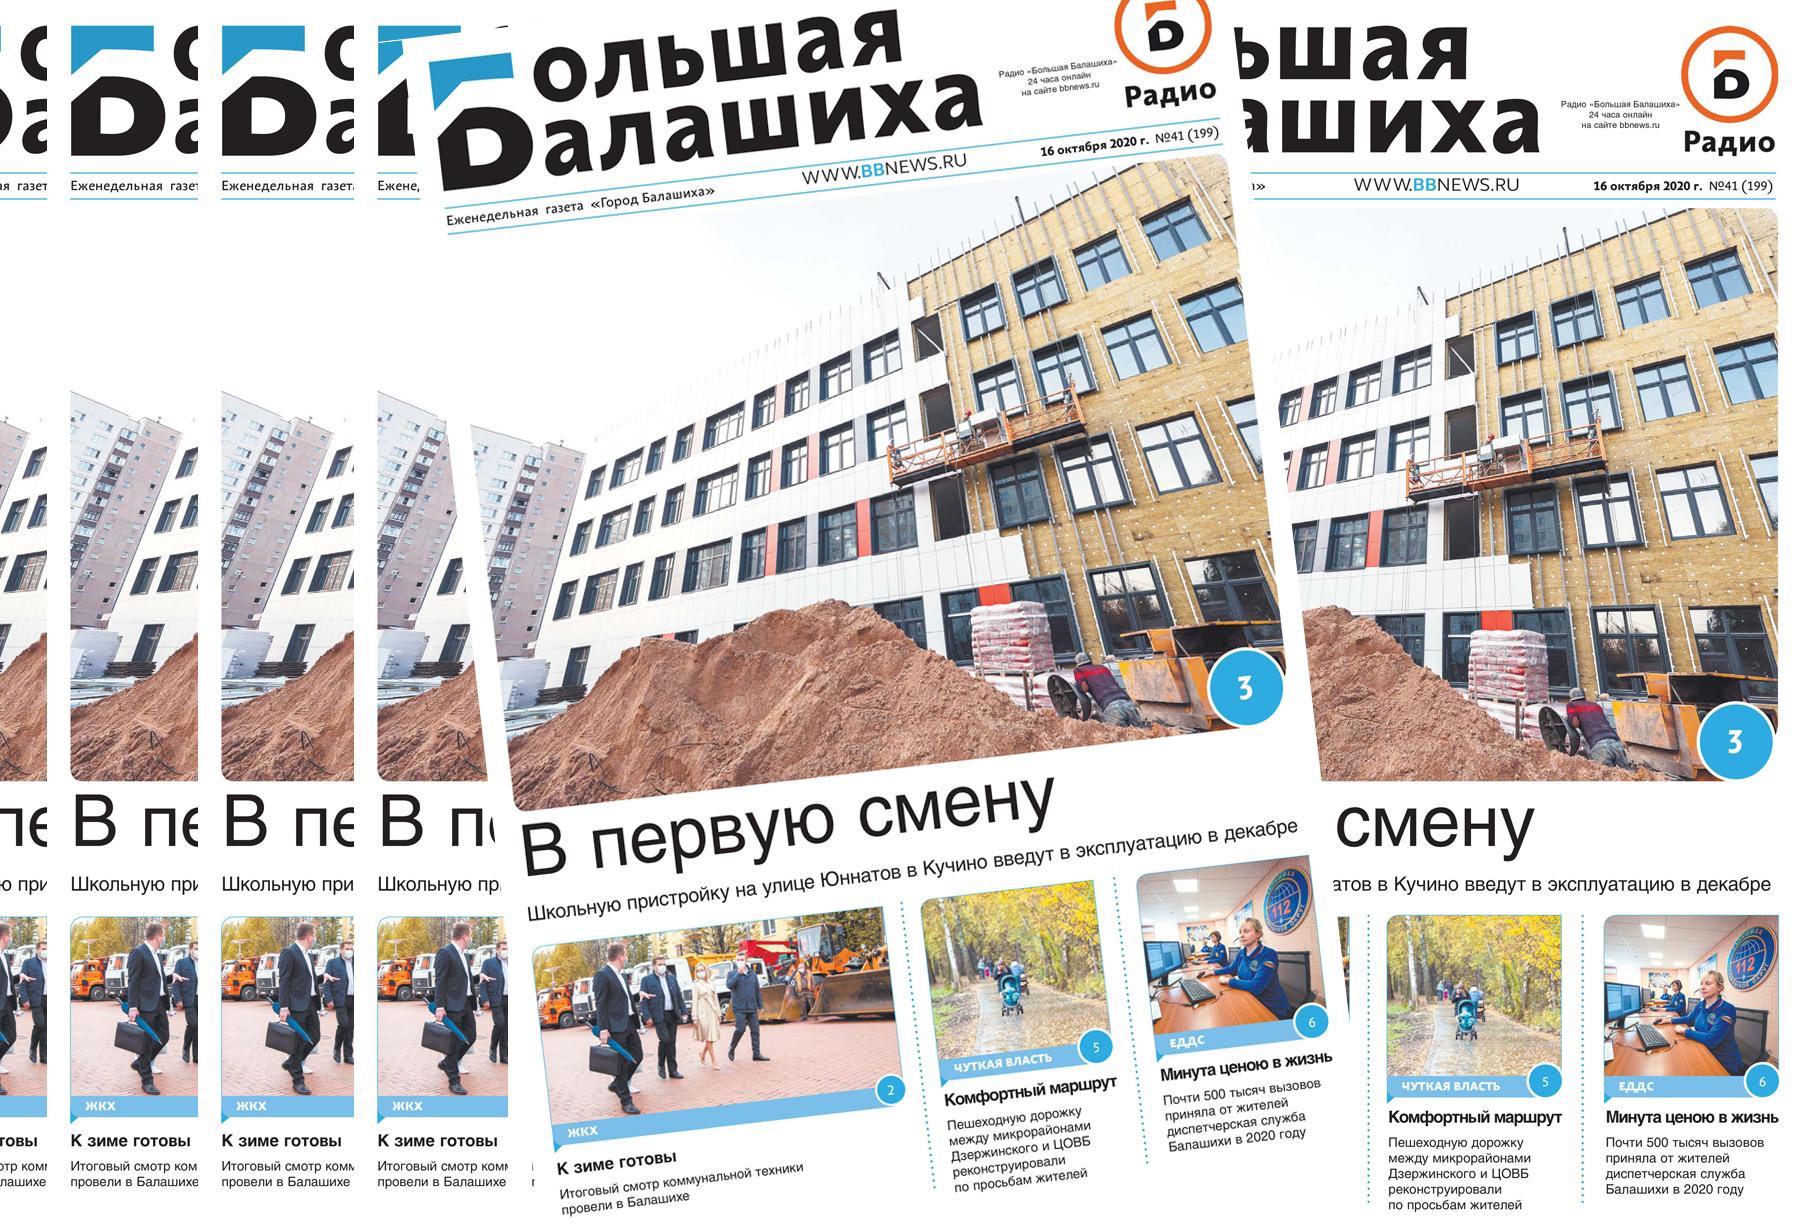 Вышла газета «Город Балашиха» №41 (199)